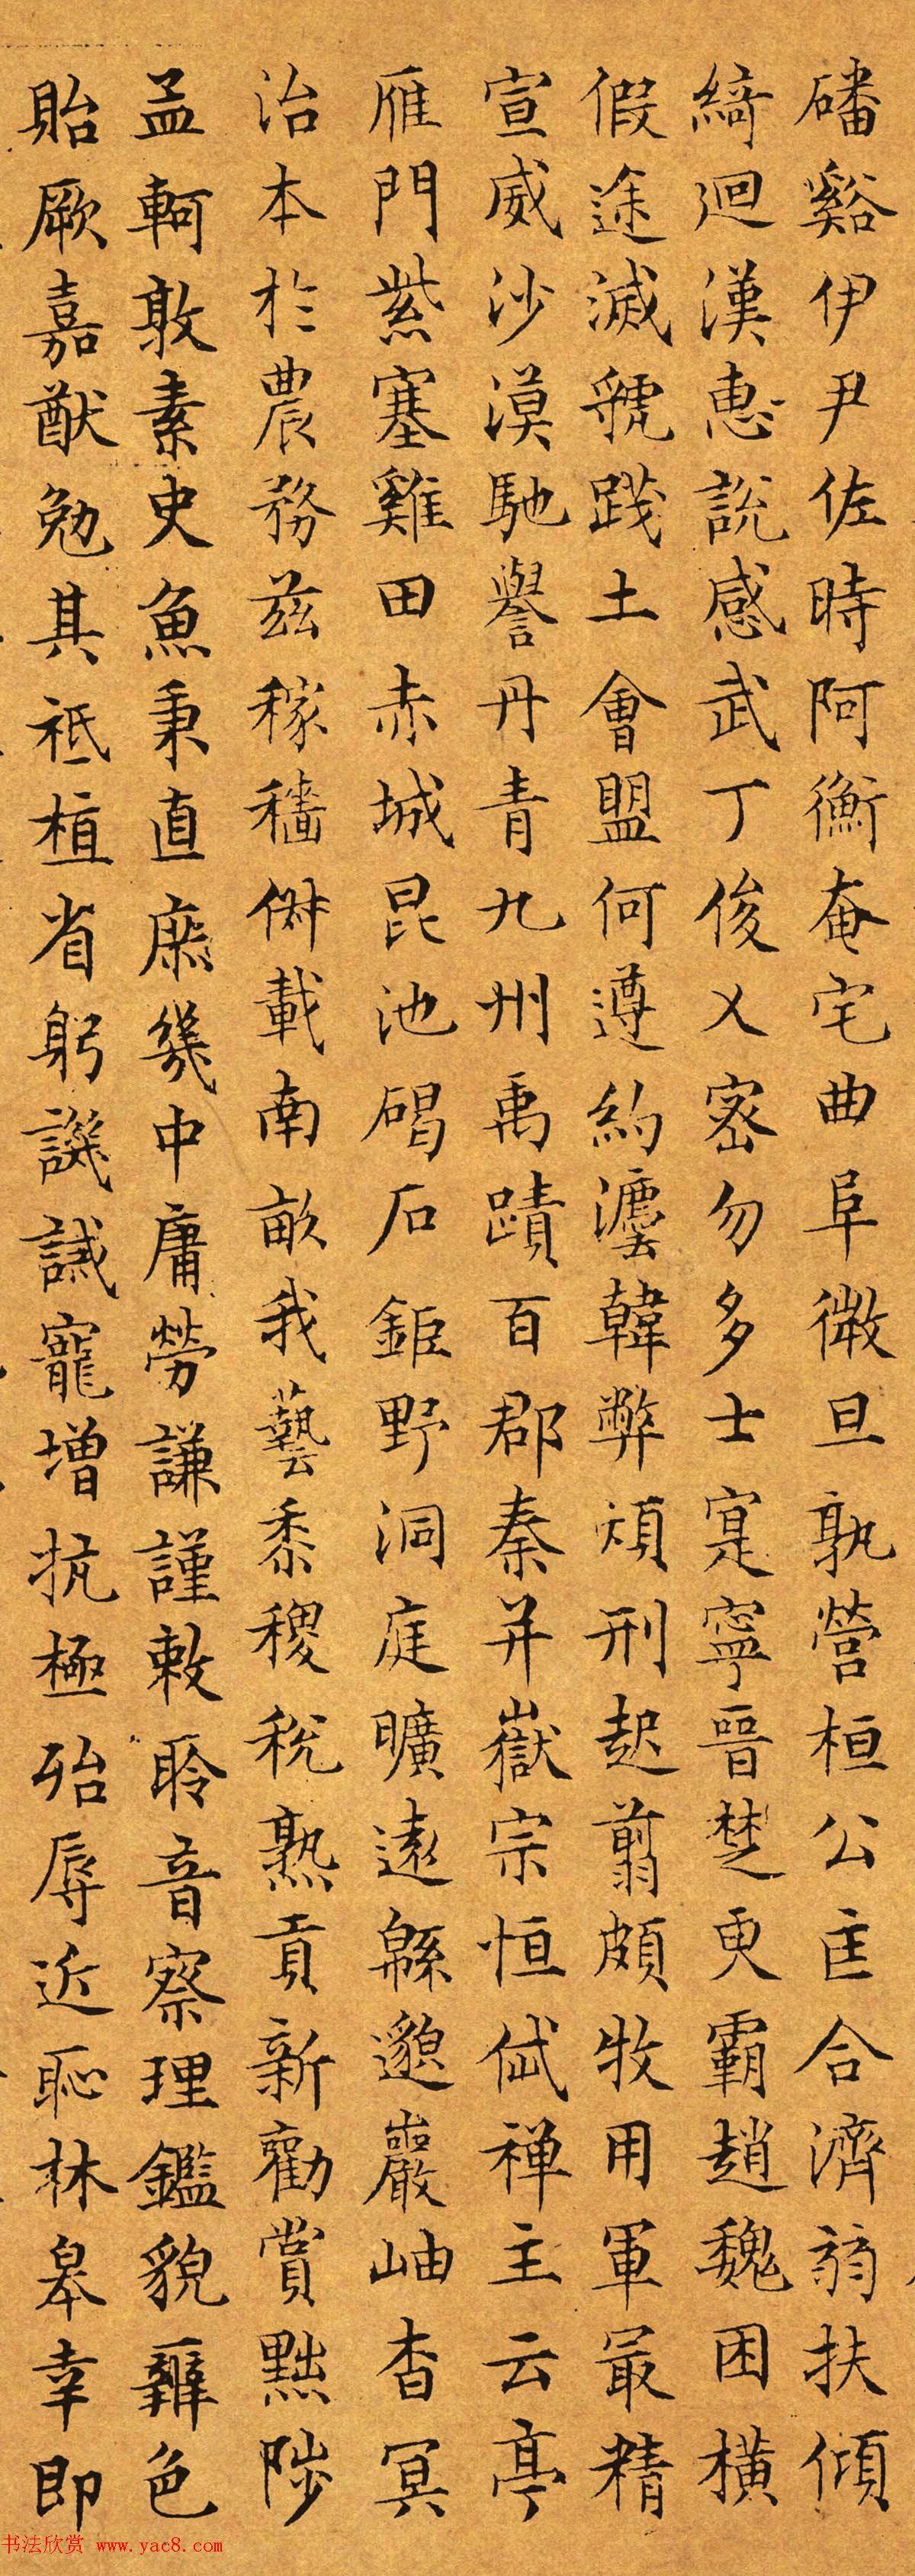 大书法家文徵明66岁小楷千字文